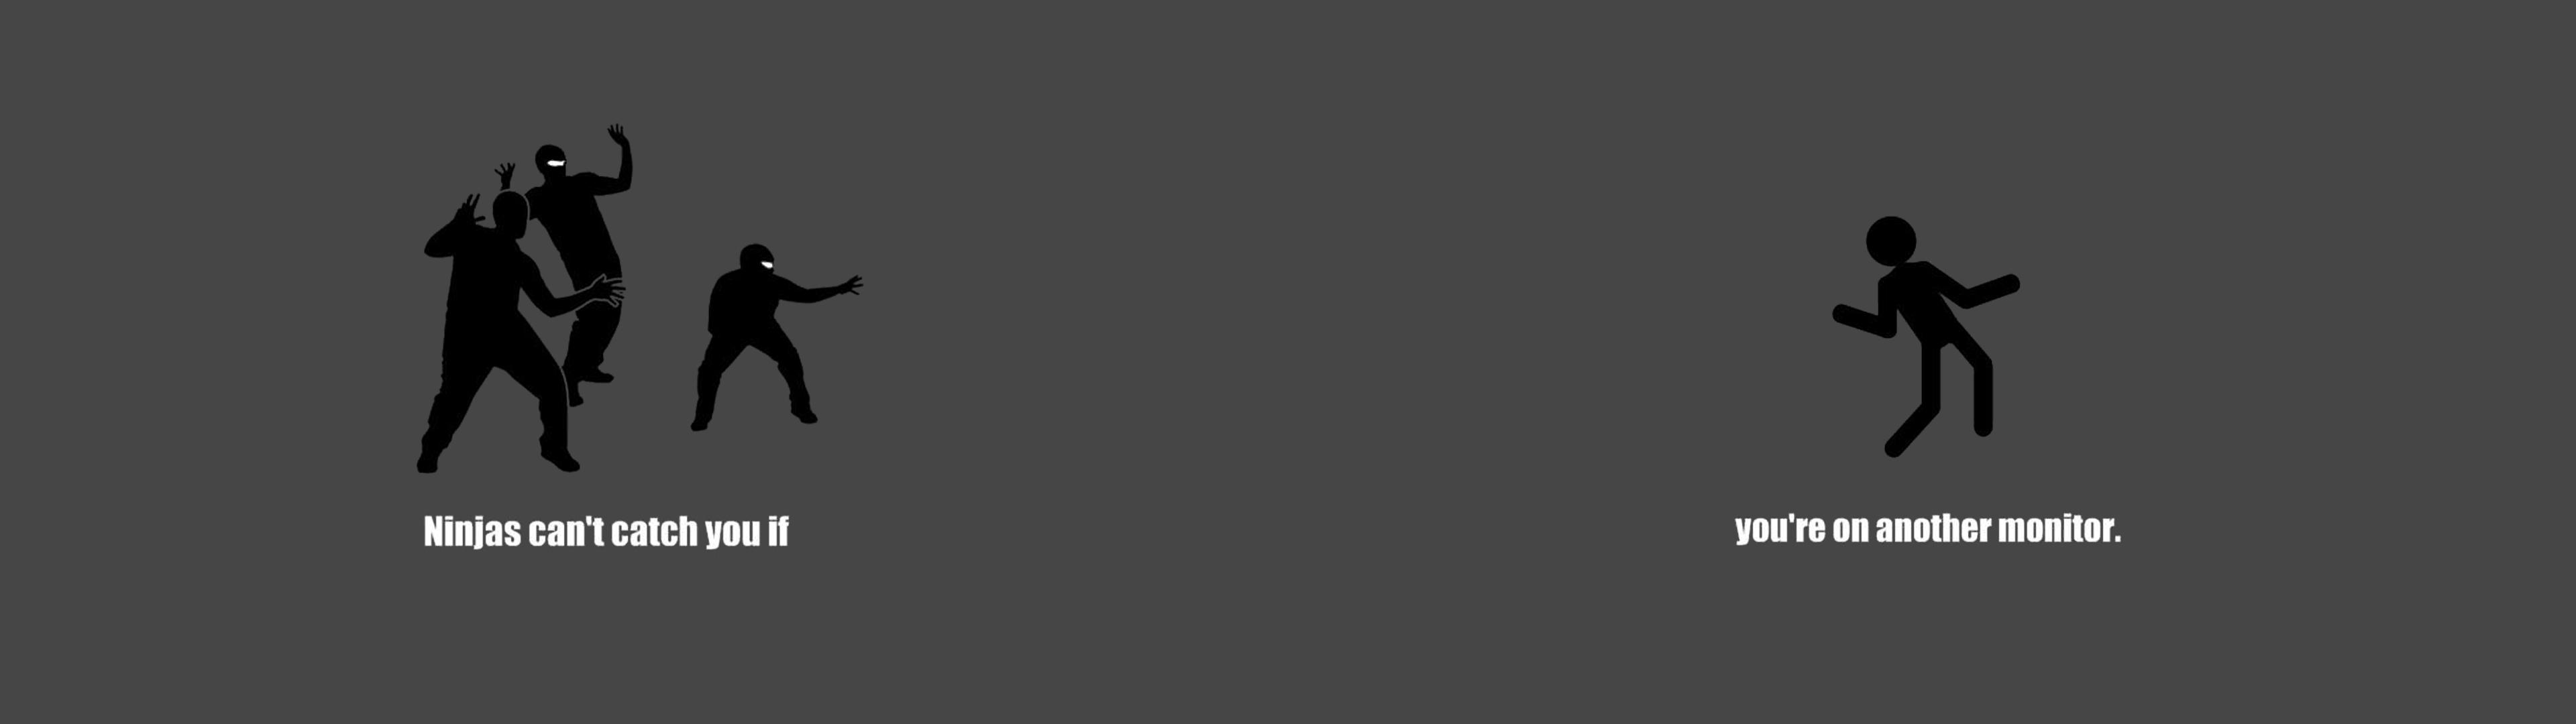 Best Dual Monitor Wallpapers - WallpaperSafari